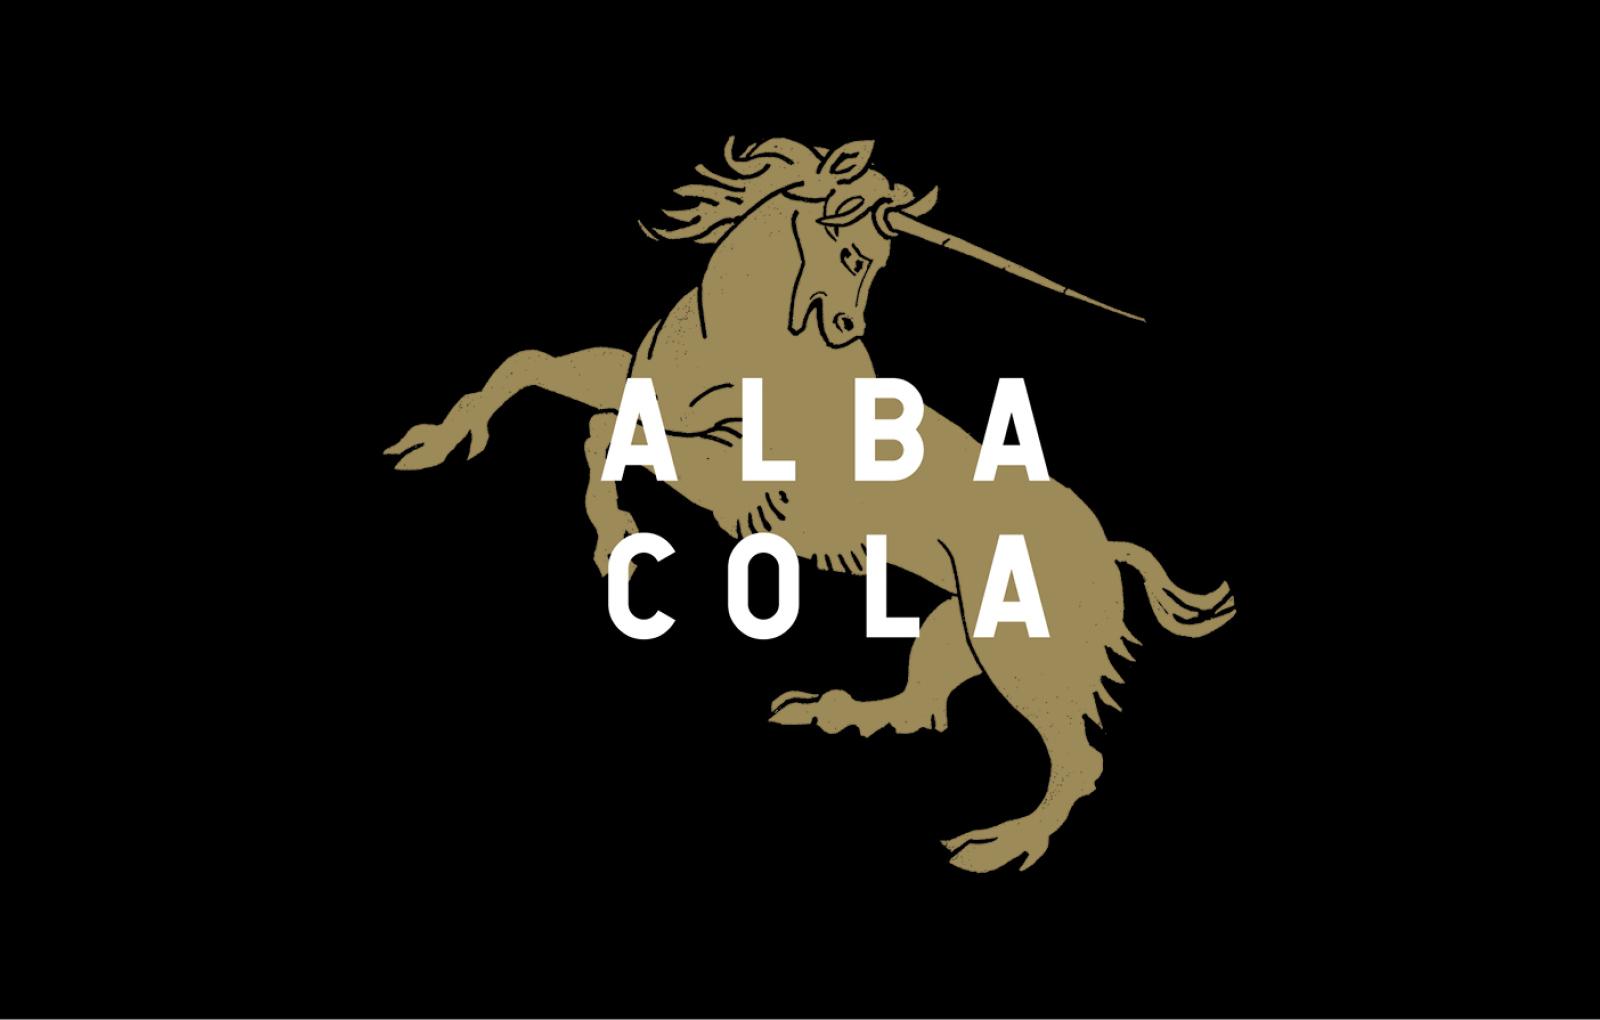 Alba Cola